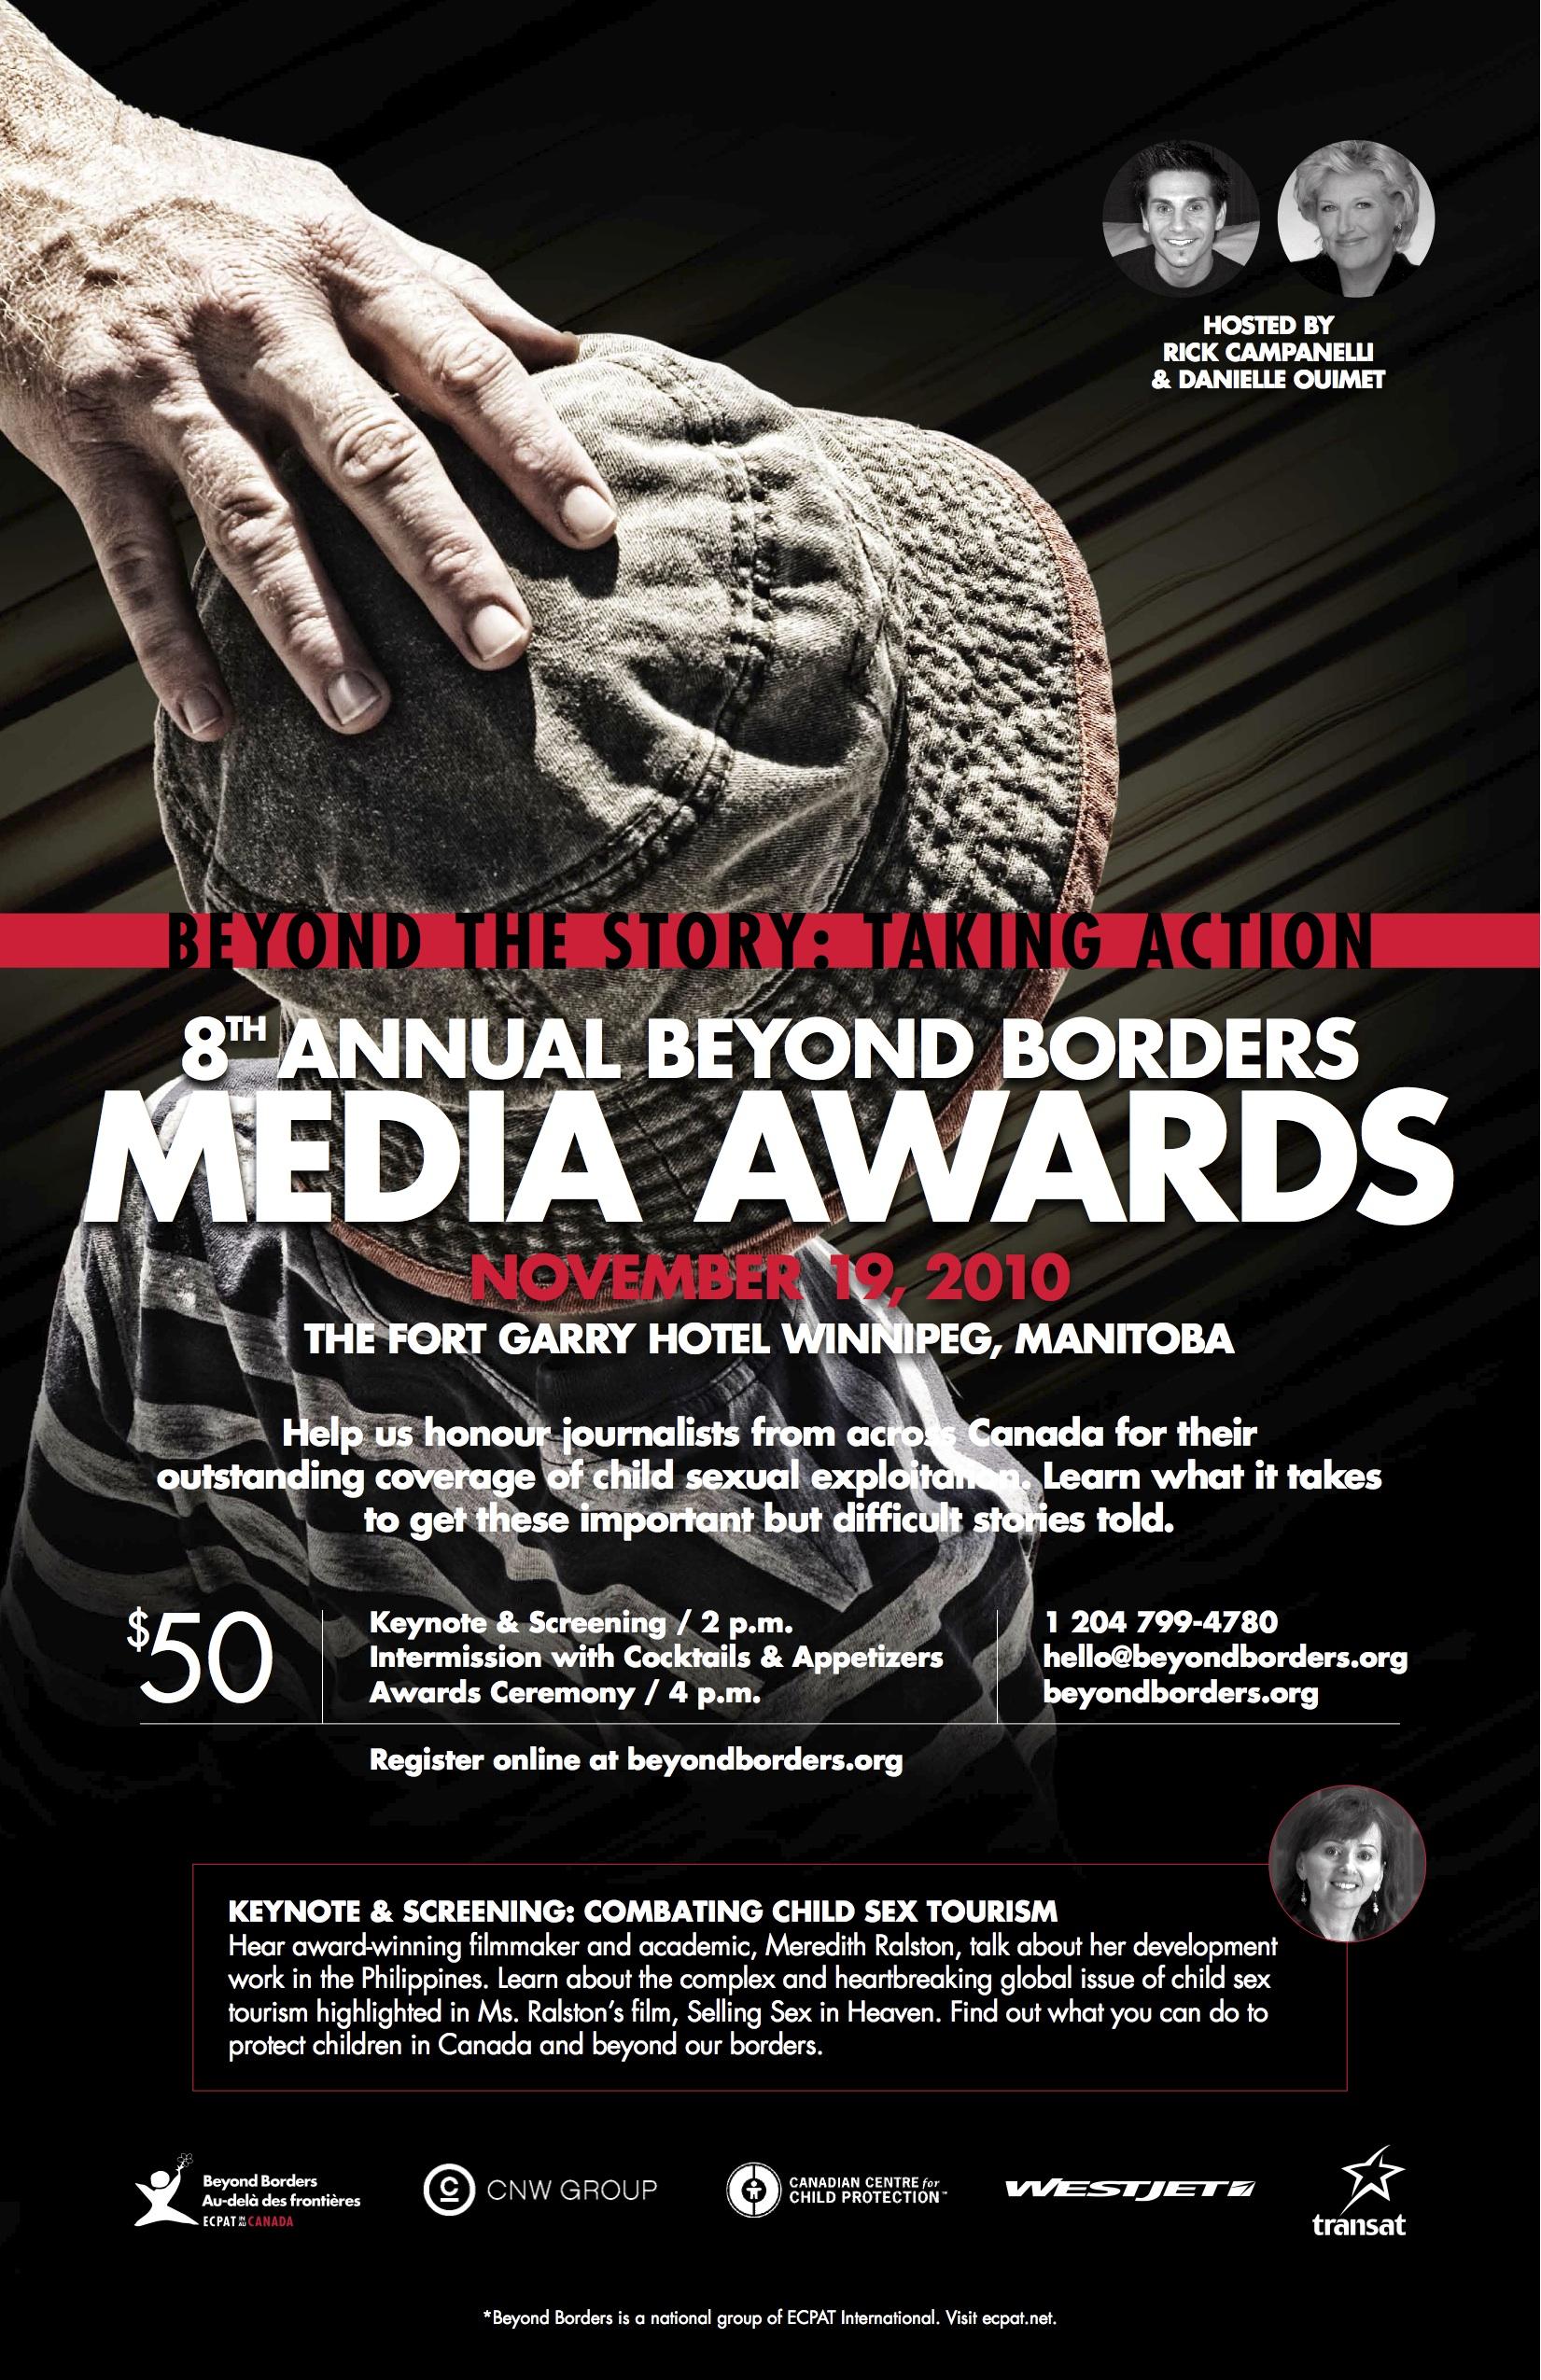 Media Awards 2010